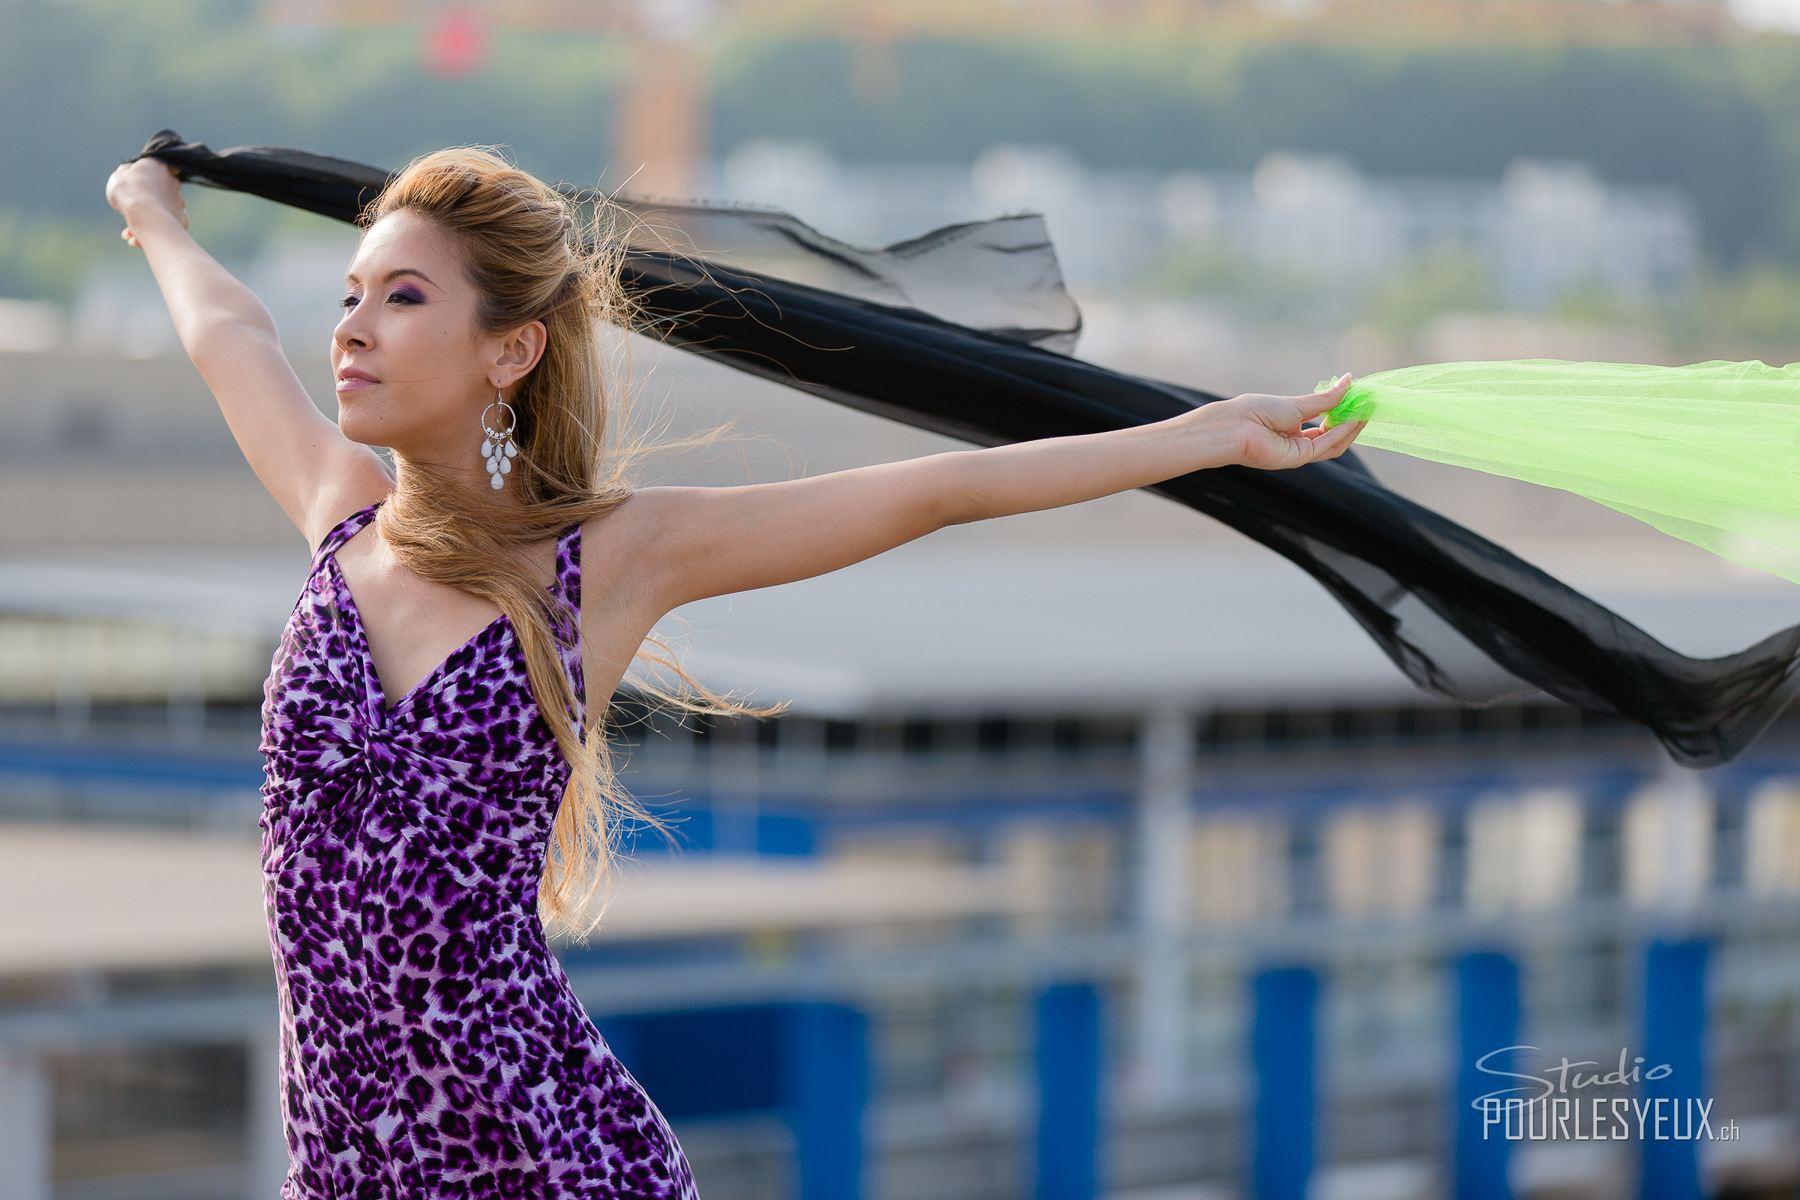 jenny suv femme genève modèle mannequin suisse maquilleuse danseuse mode fashion praille